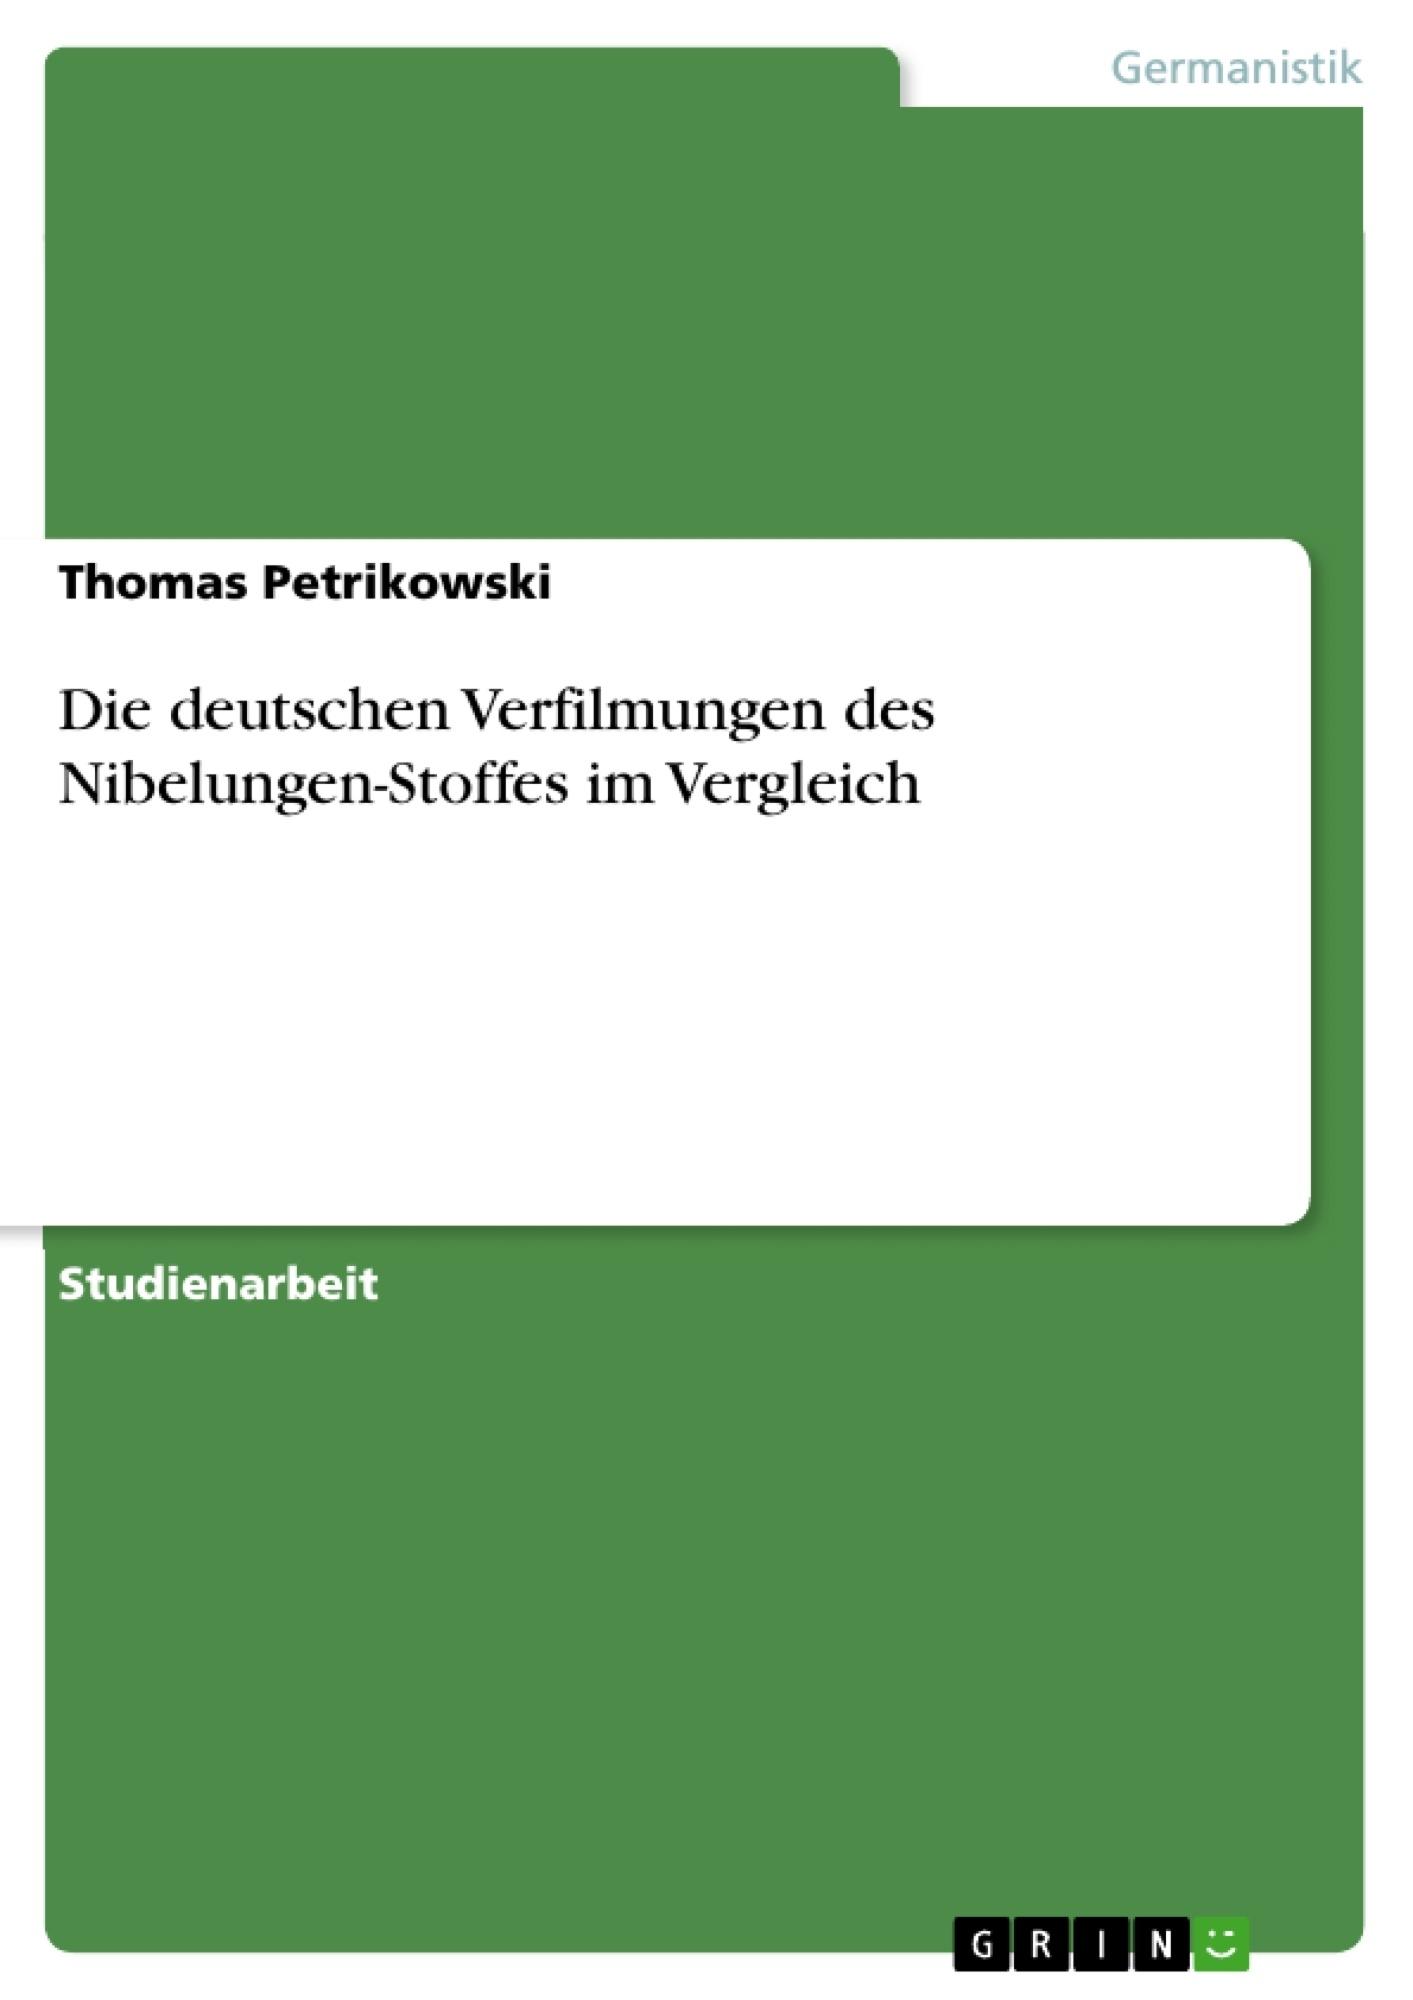 Titel: Die deutschen Verfilmungen des Nibelungen-Stoffes im Vergleich